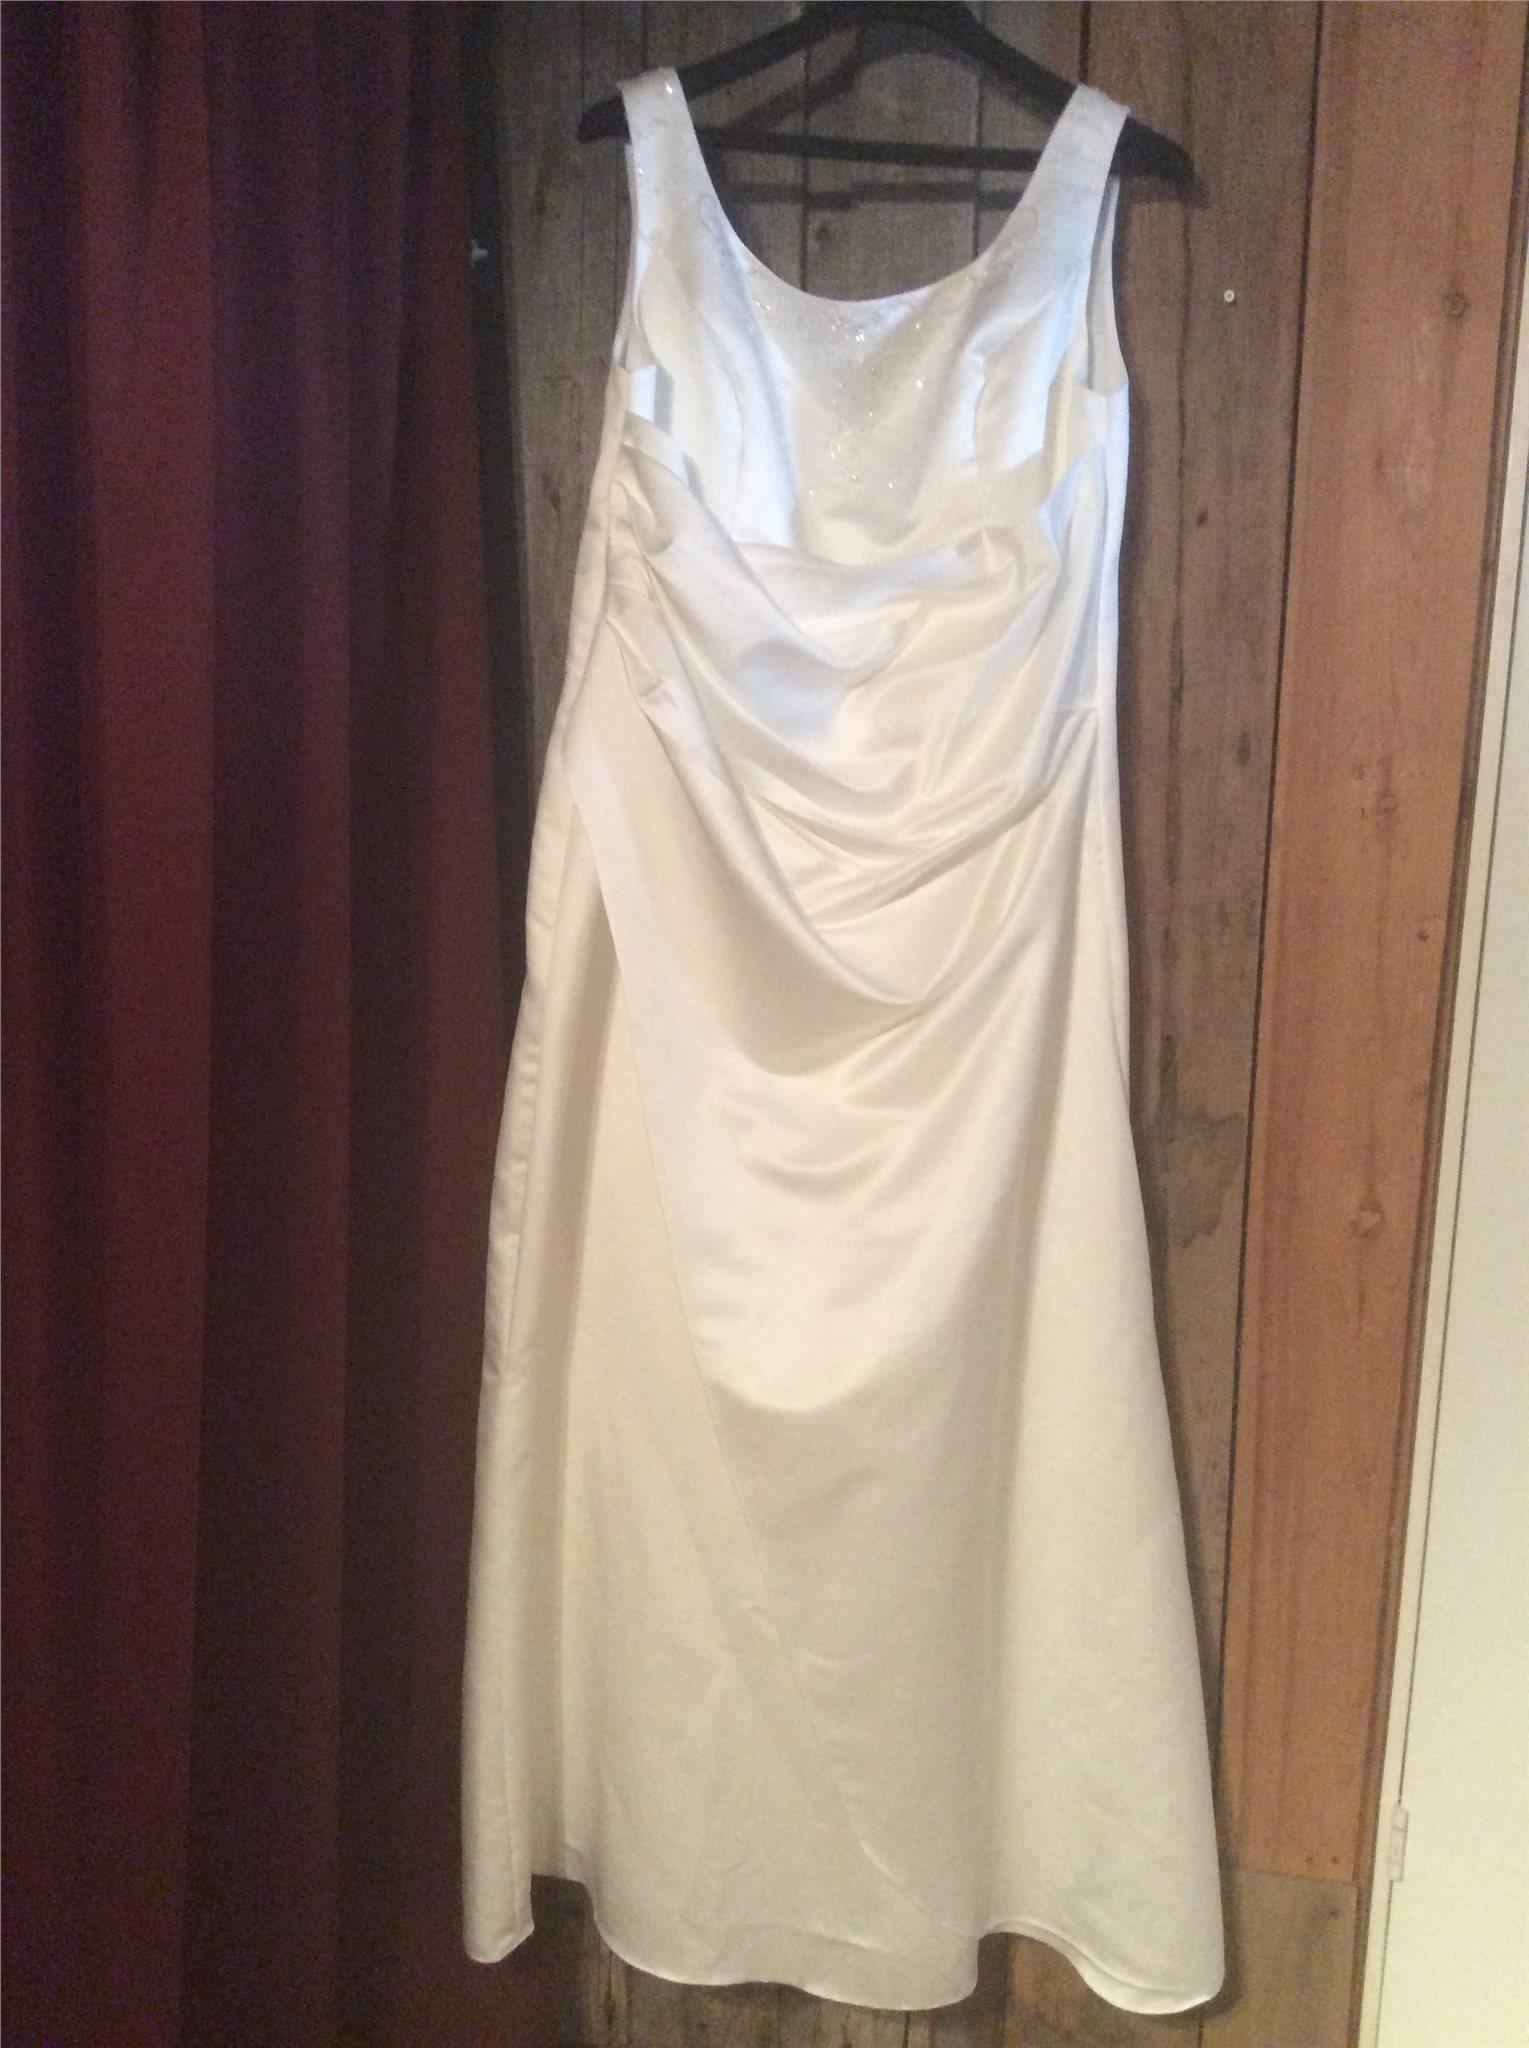 e219d570559f Brudklänning Nixa storlek 50 (345406461) ᐈ Köp på Tradera